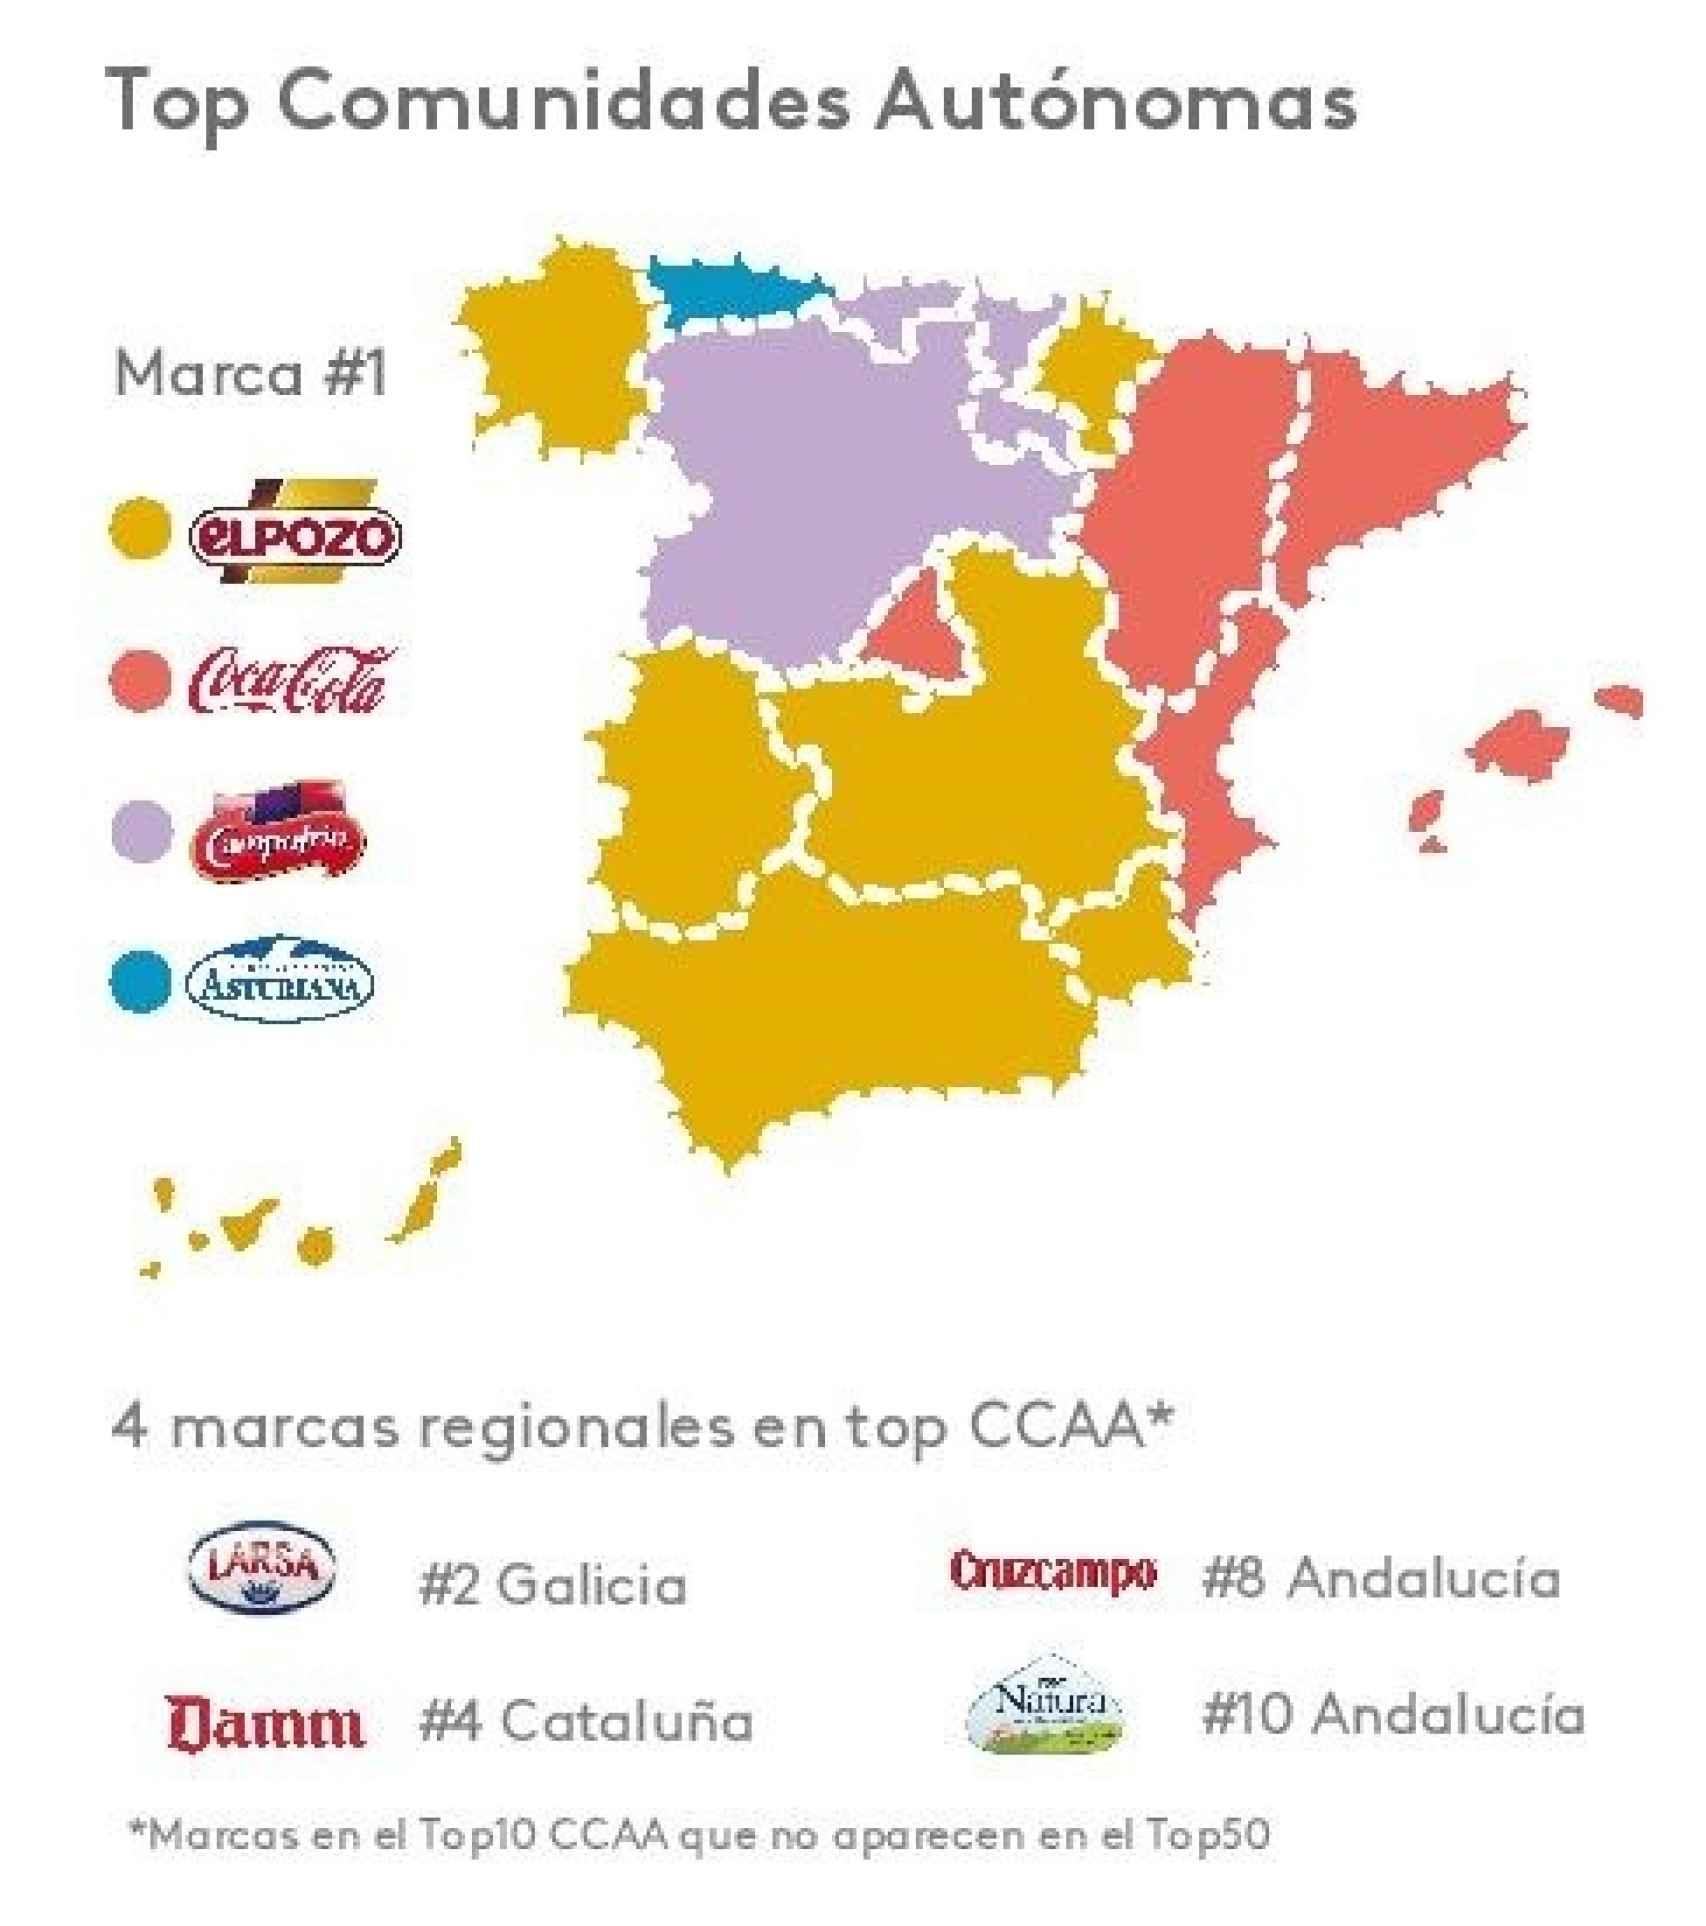 Mapa de las marcas por Comunidades Autónomas.